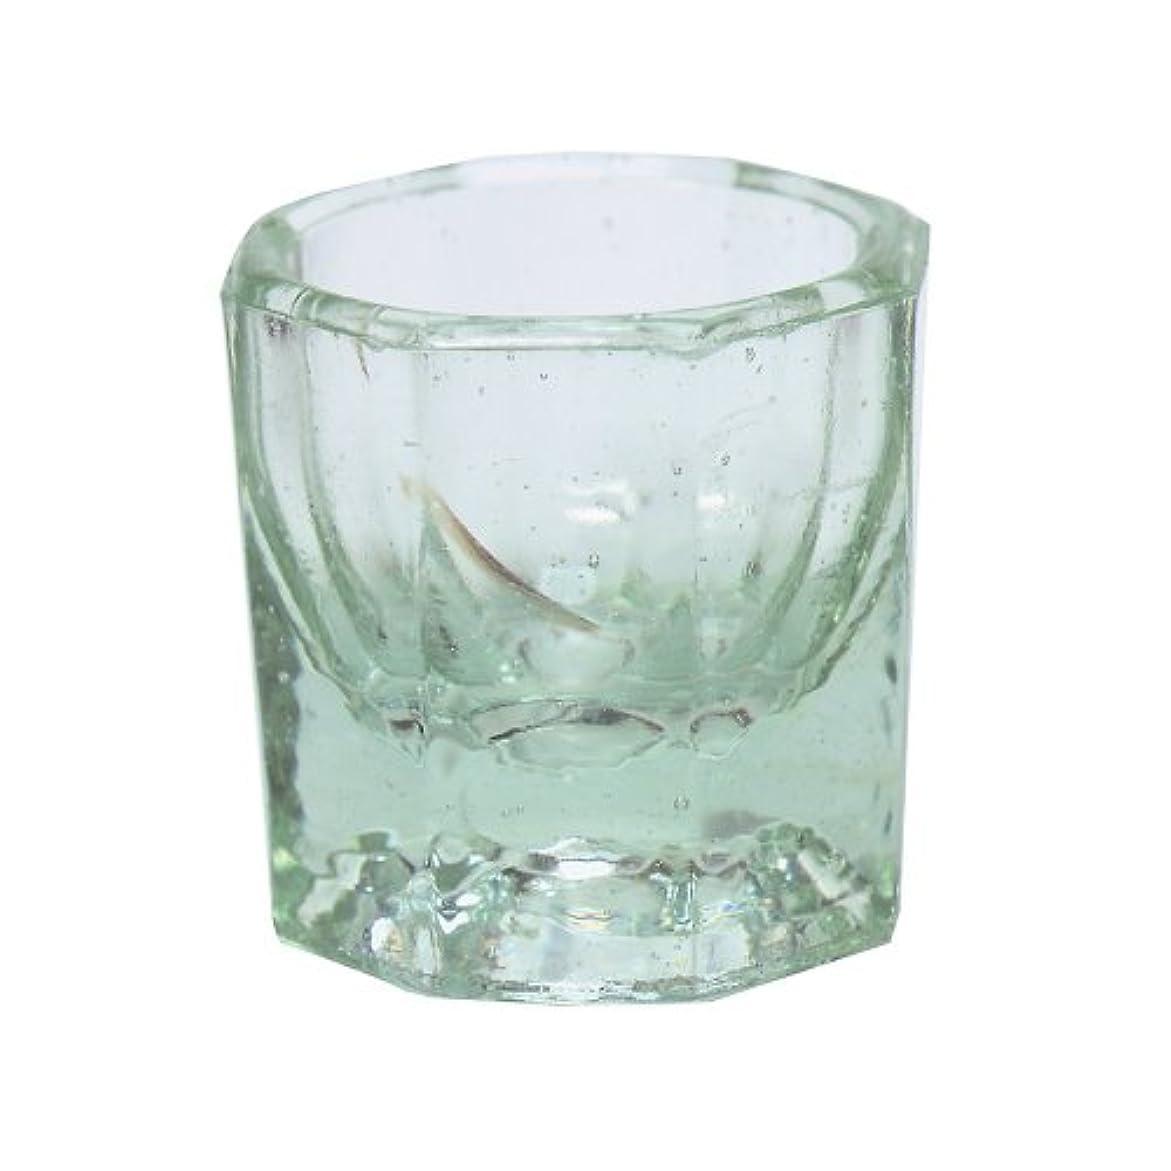 革新一致する魅力的であることへのアピールVaorwne Vaorwne(R)5パック、オールシーズンガラス皿